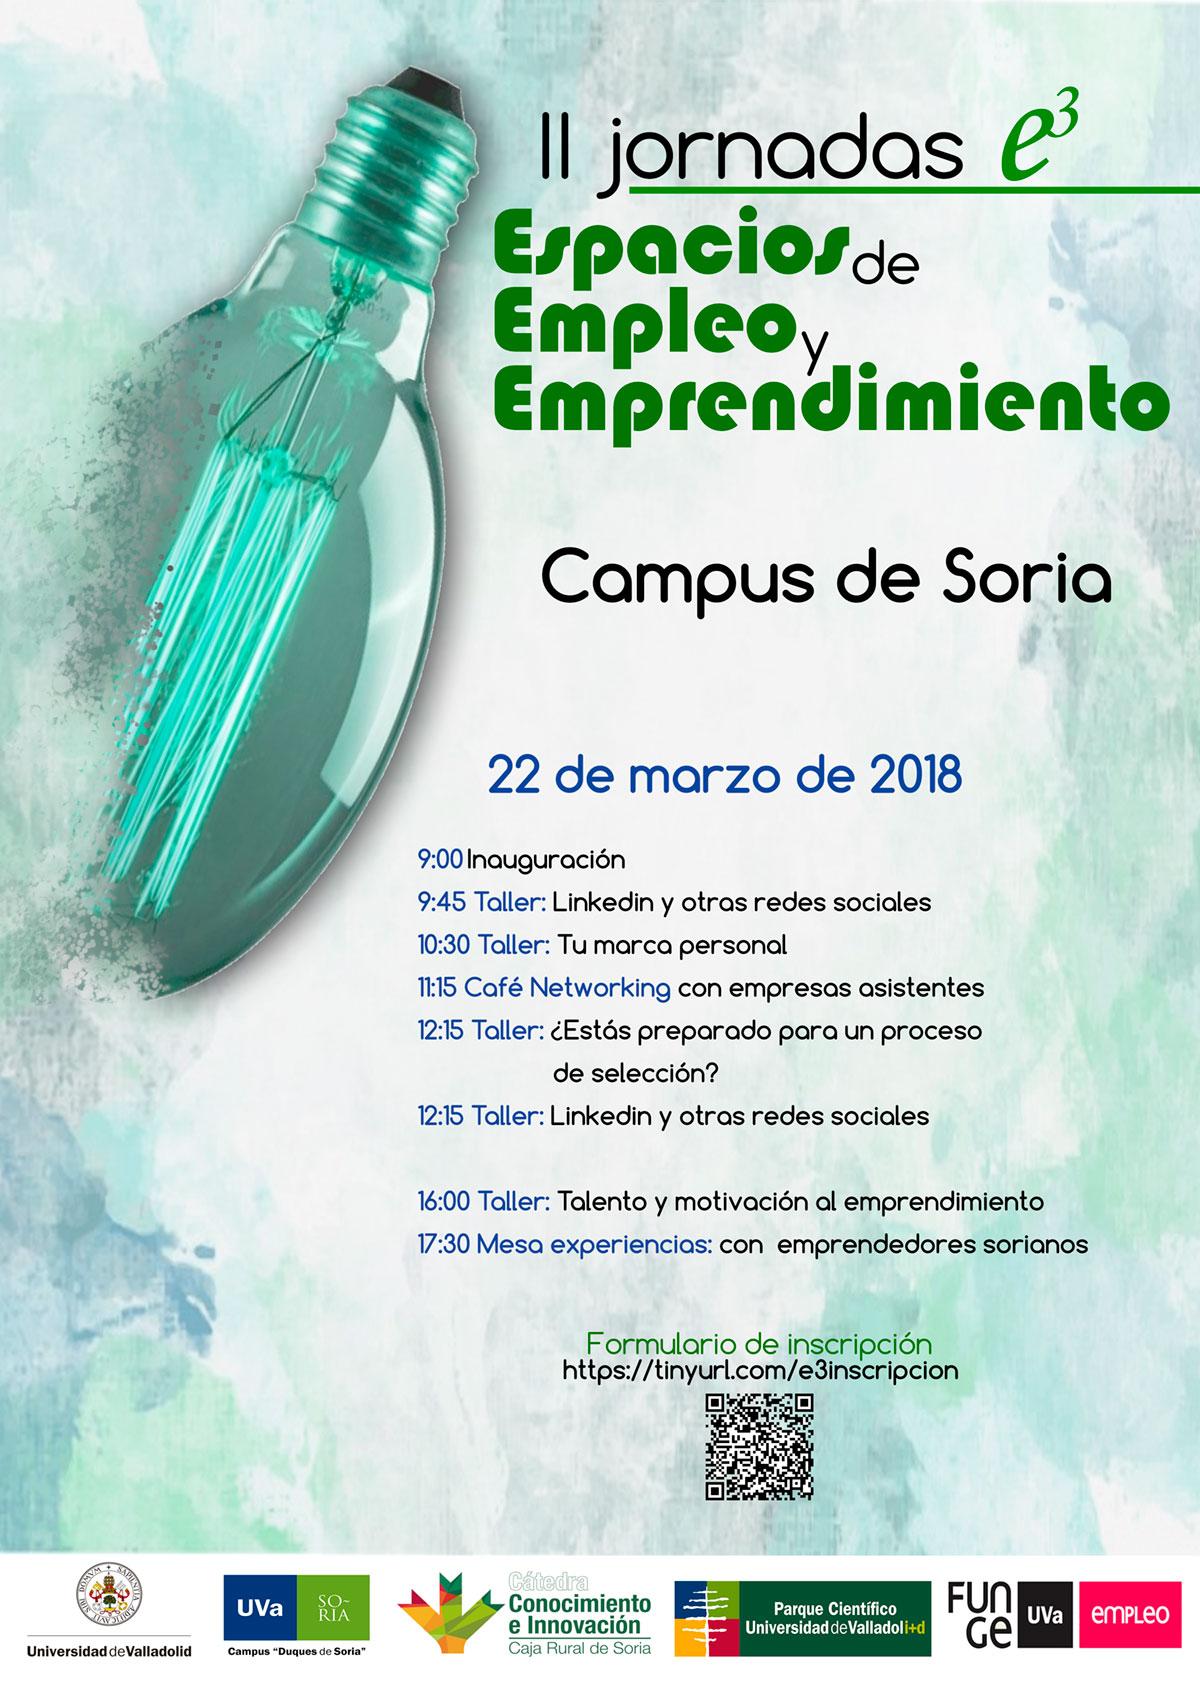 II Jornadas e3 Empleo y Emprendimiento Ciudad de Soria